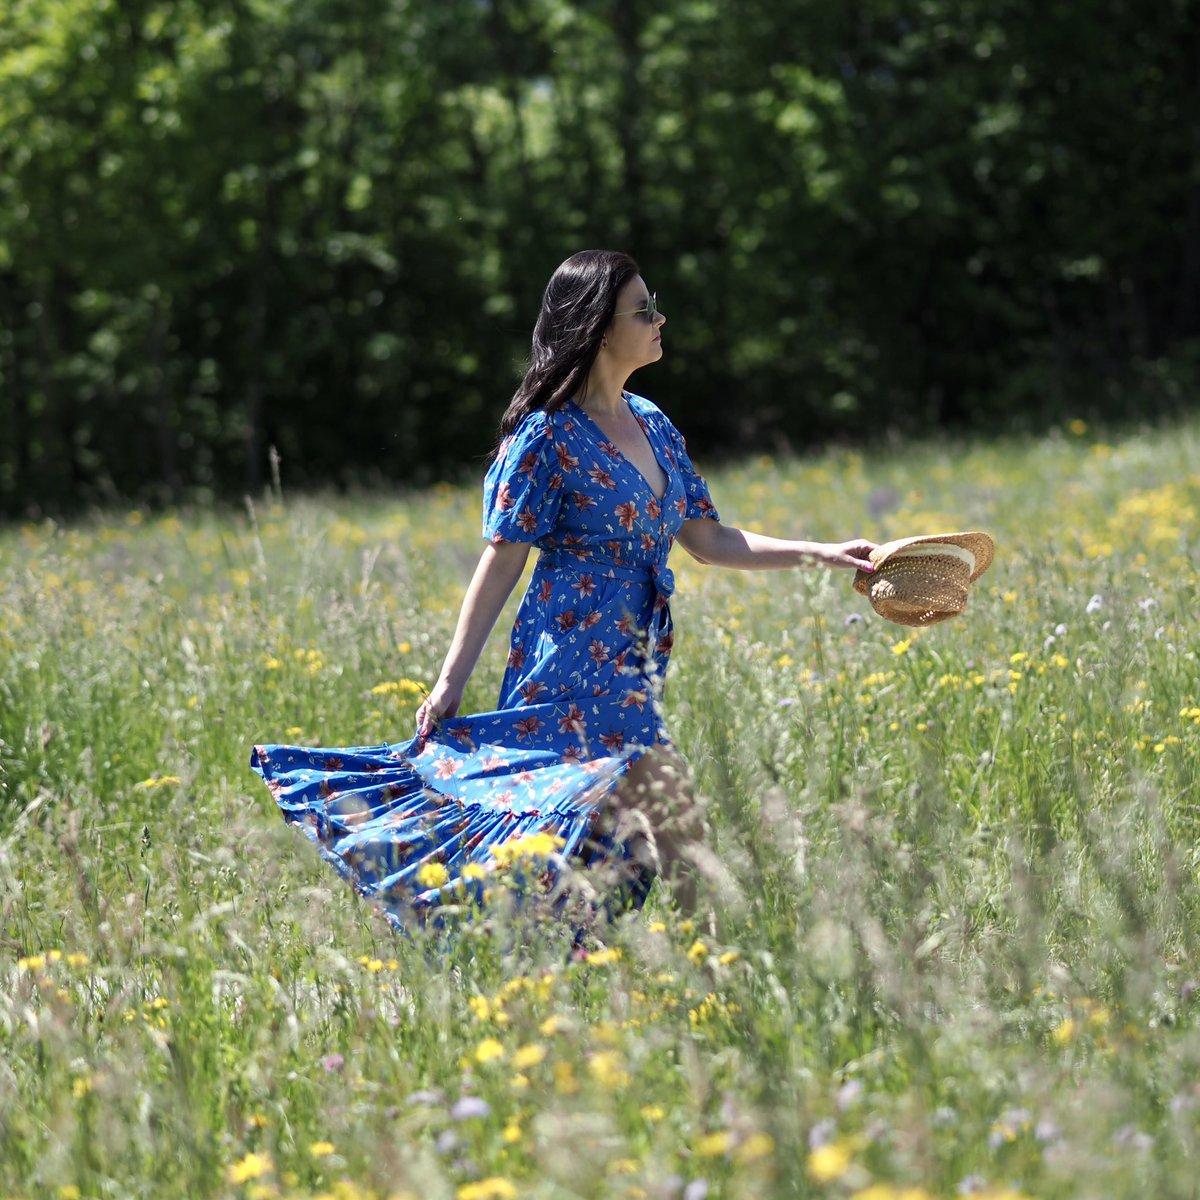 Was passt perfekt zu von der Natur inspirierten Mustern? Eine wunderschöne Kulisse in der Natur wie zum Beispiel eine tolle Blumenwiese!  https://www.instagram.com/p/CArbWj2jyl3/?igshid=1gguk3iq74hp1…  #sommerkleid #floralprint #maxikleid #maxidress #brunette #switzerland #bohostyle #corestilo #hellozurichpic.twitter.com/39VMtuvOt1